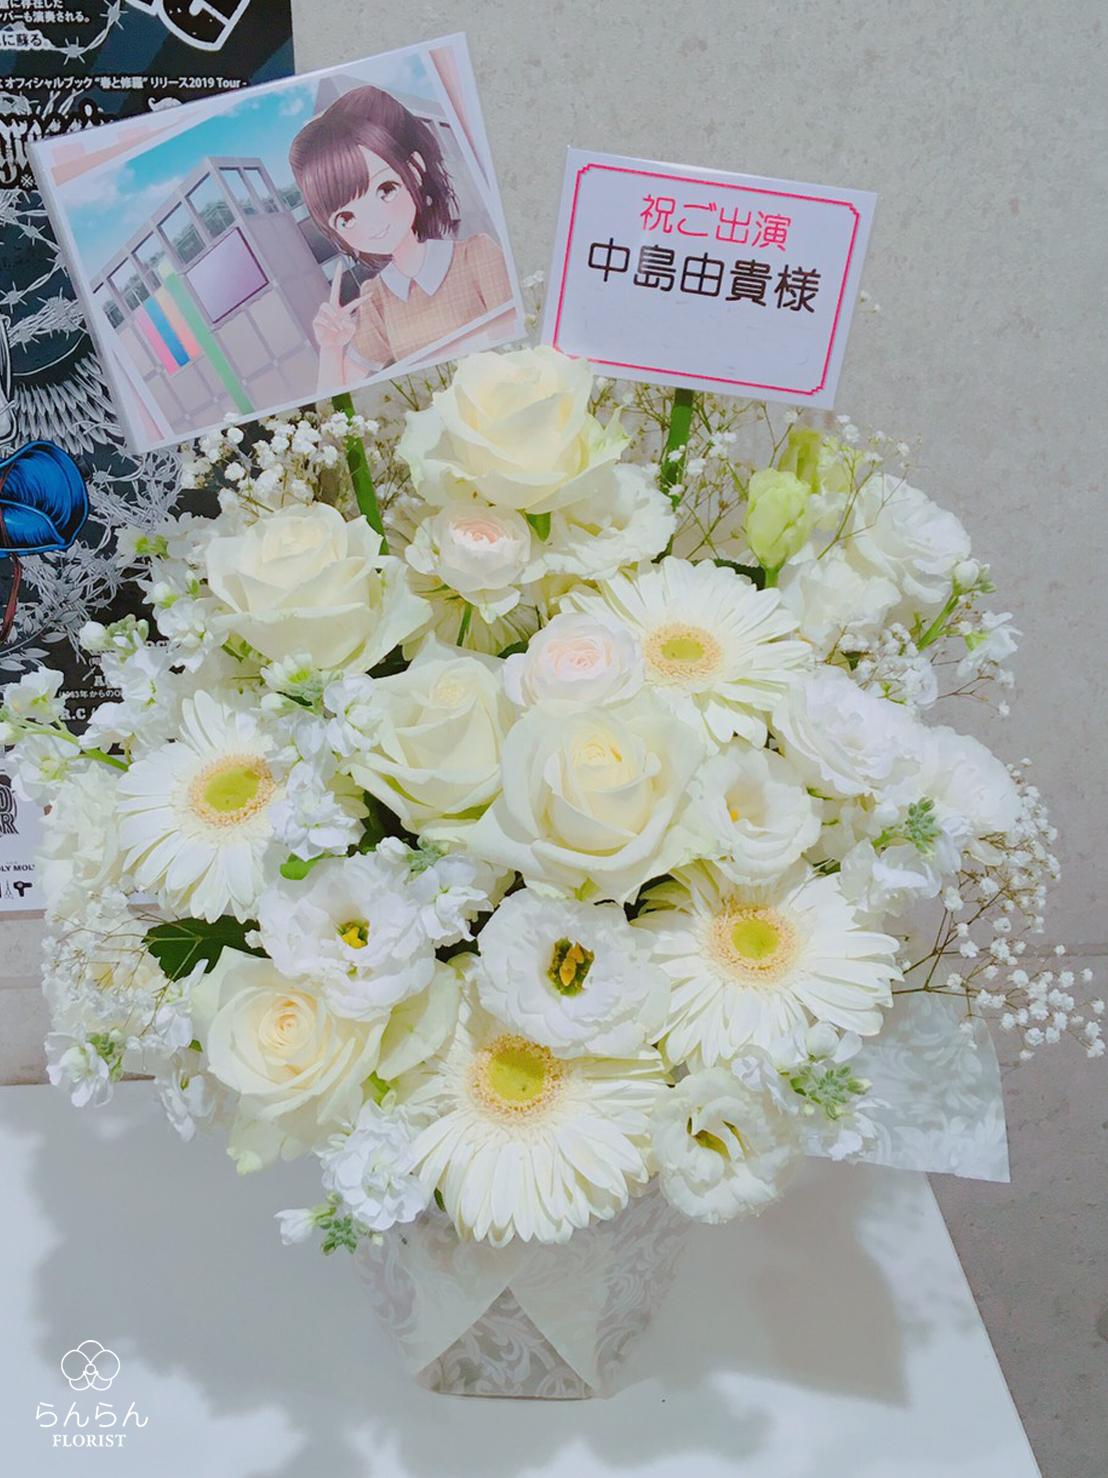 中島由貴 お祝いスタンド花